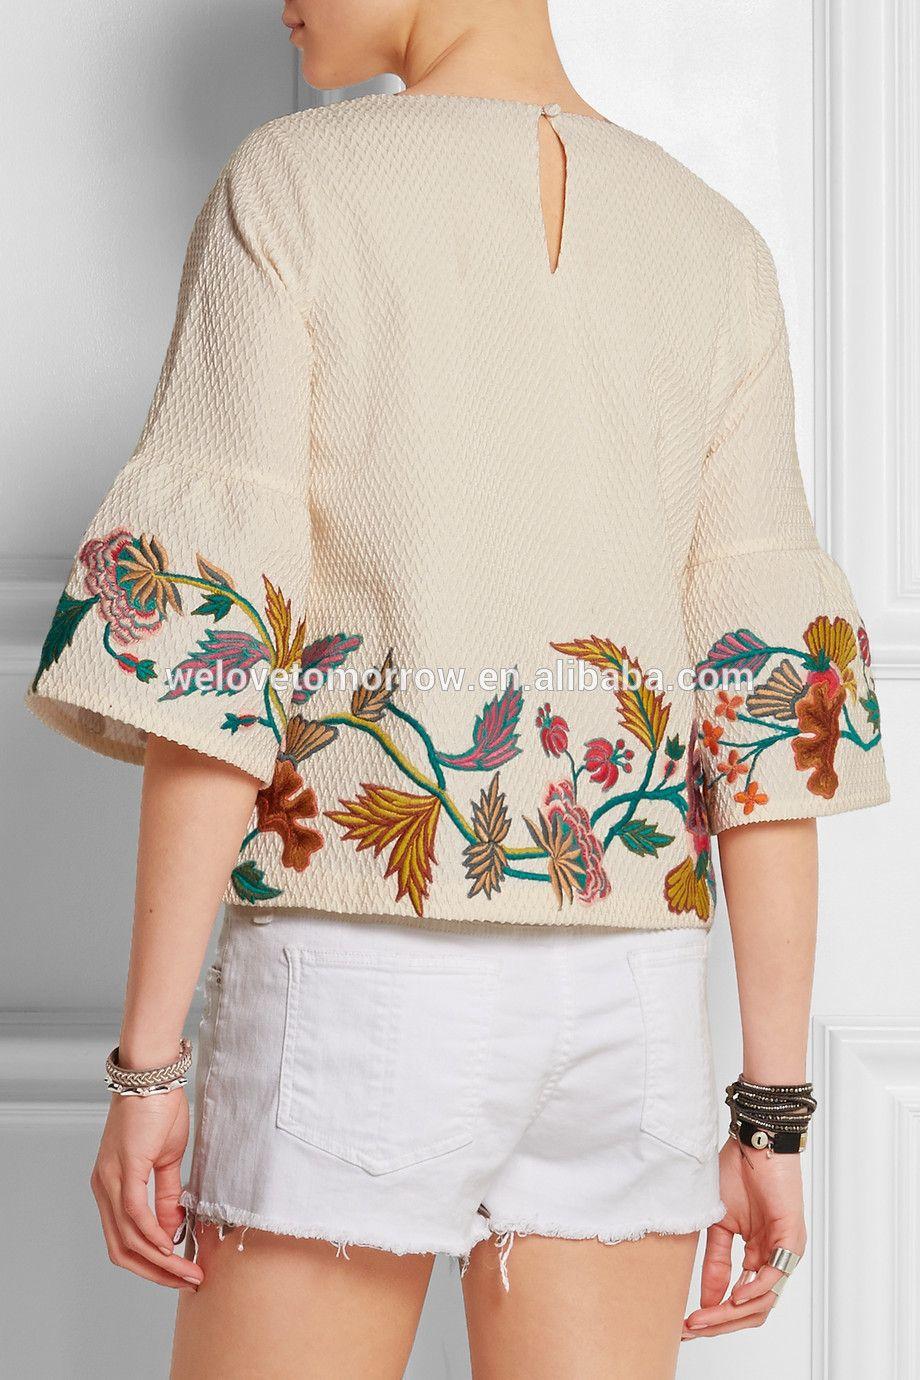 dise os de bordados a mano para blusas google